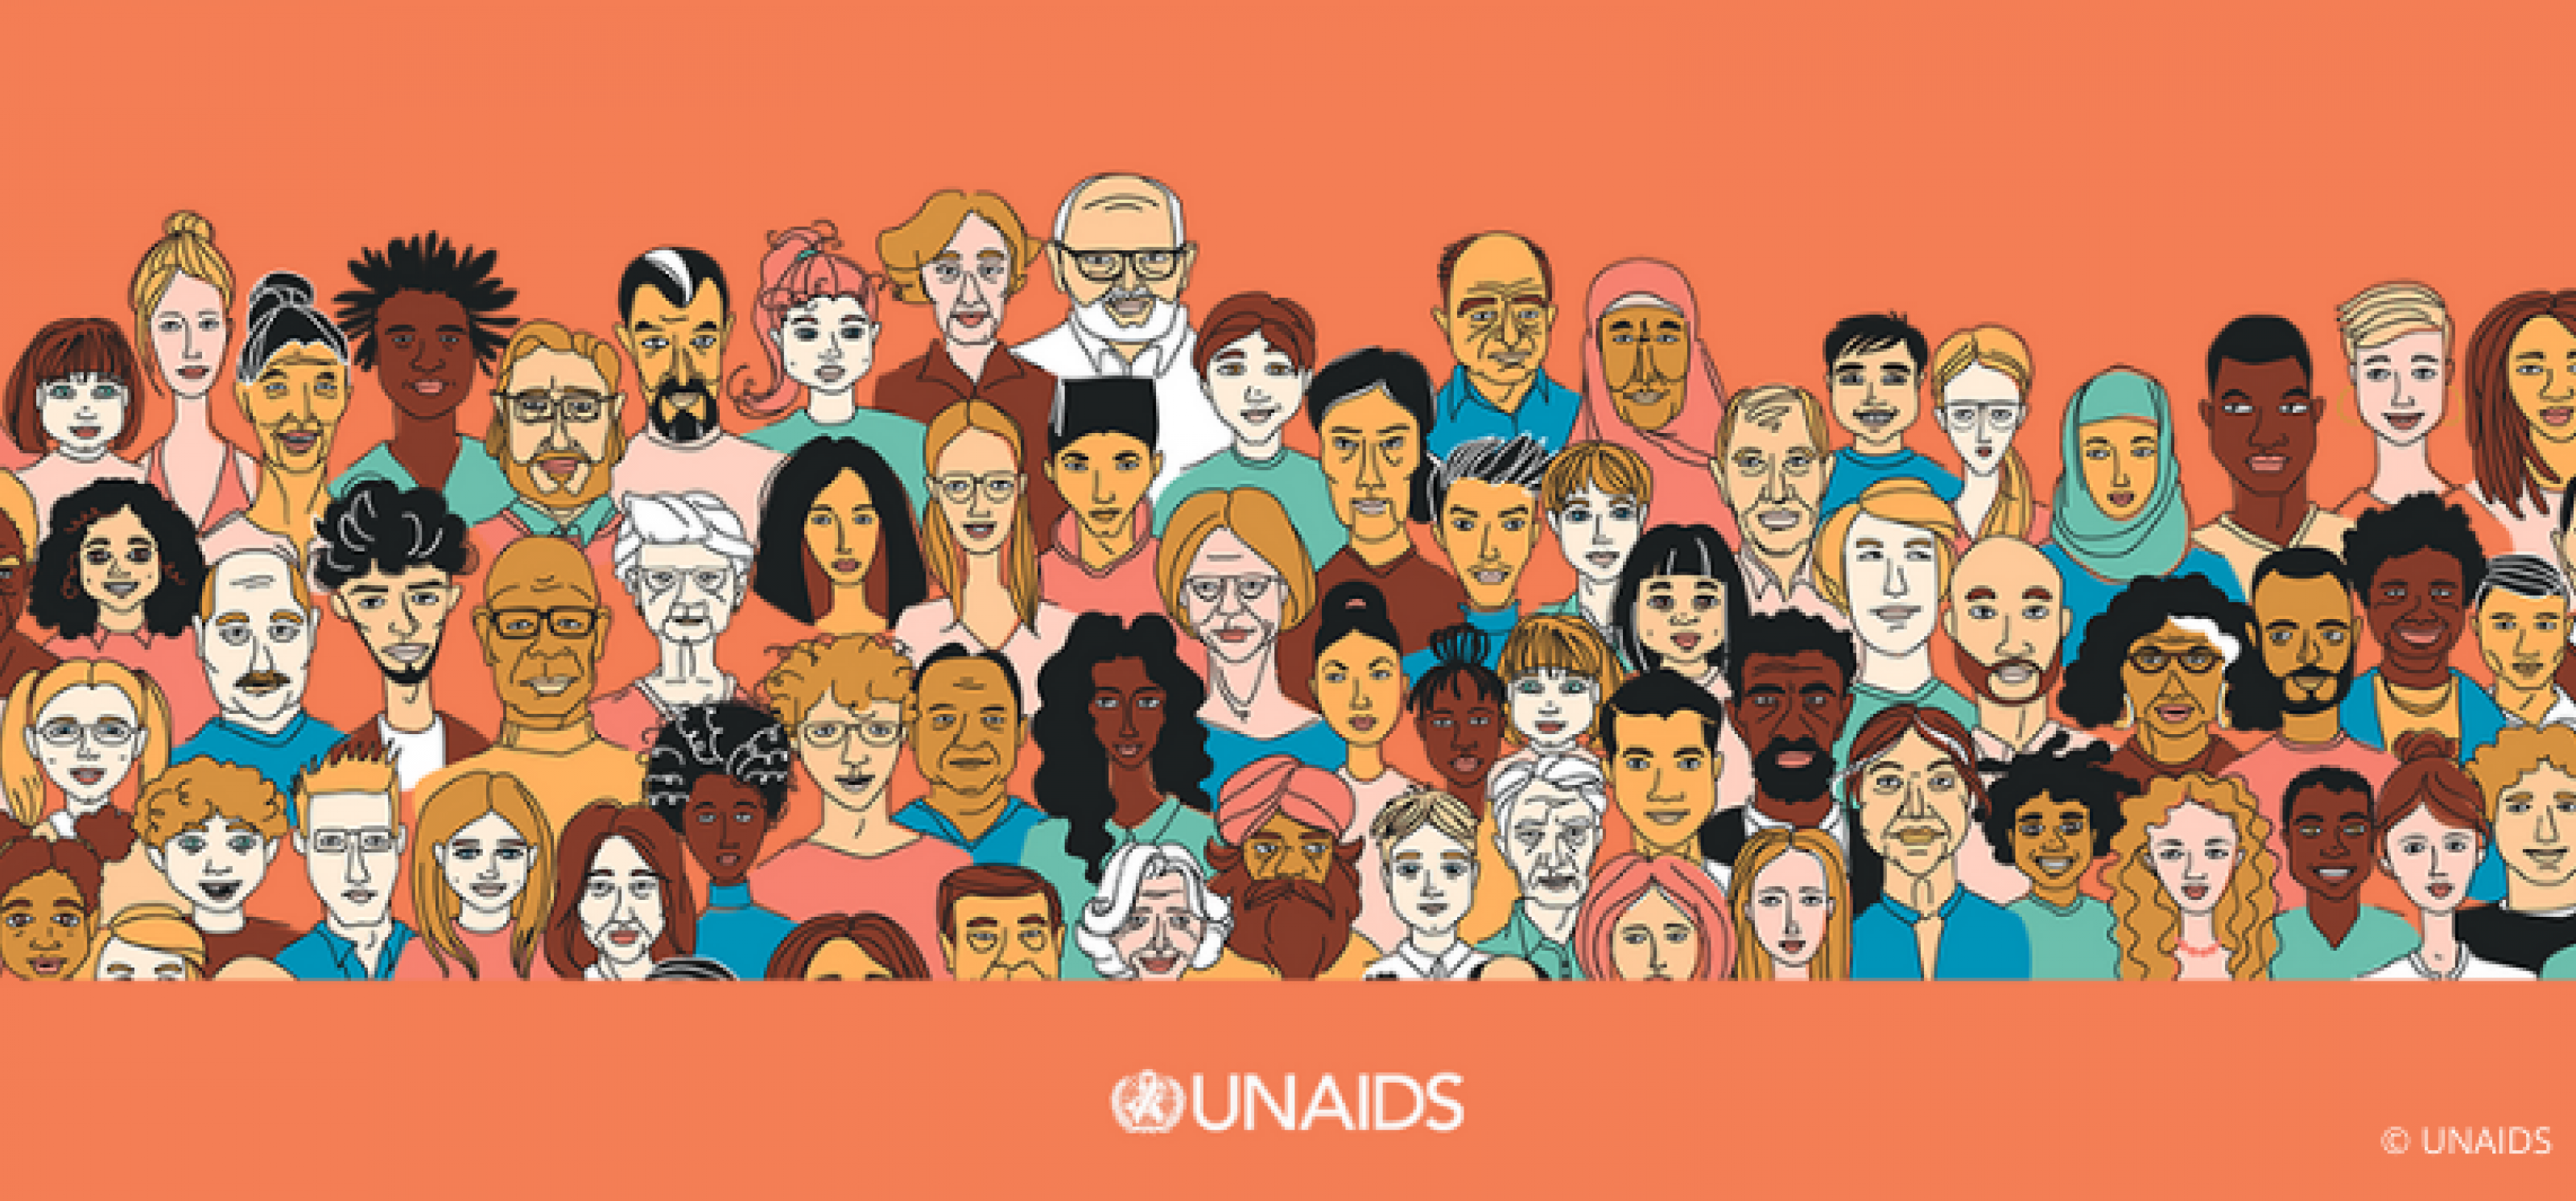 UNAIDS-Grafik zum Global AIDS Update 2020